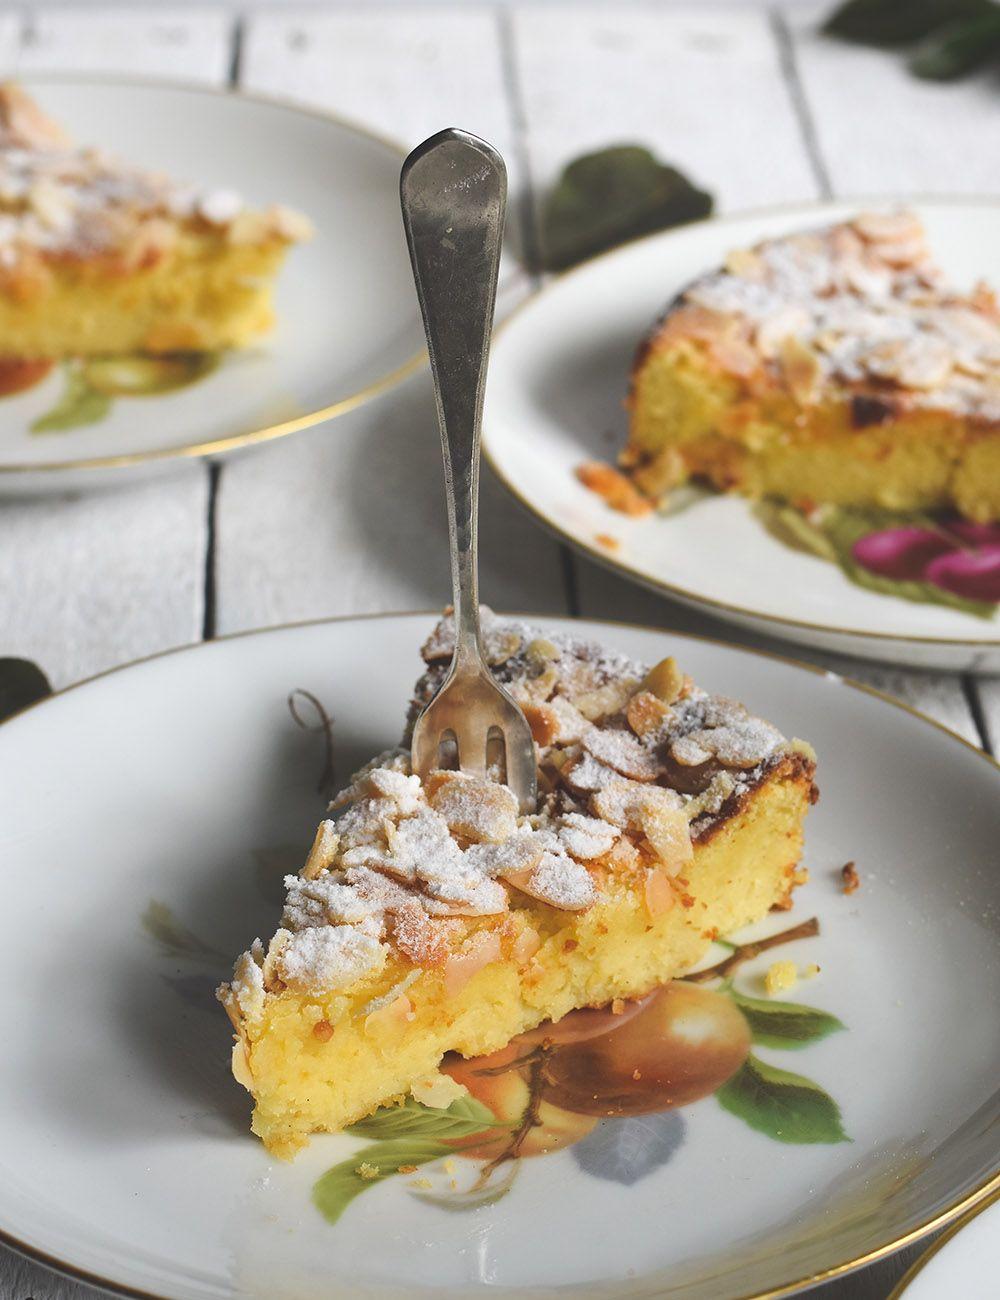 Sehr Saftiger Ricotta Mandel Kuchen Mit Oder Ohne H Imbeeren Mit Bildern Rezepte Lecker Ricotta